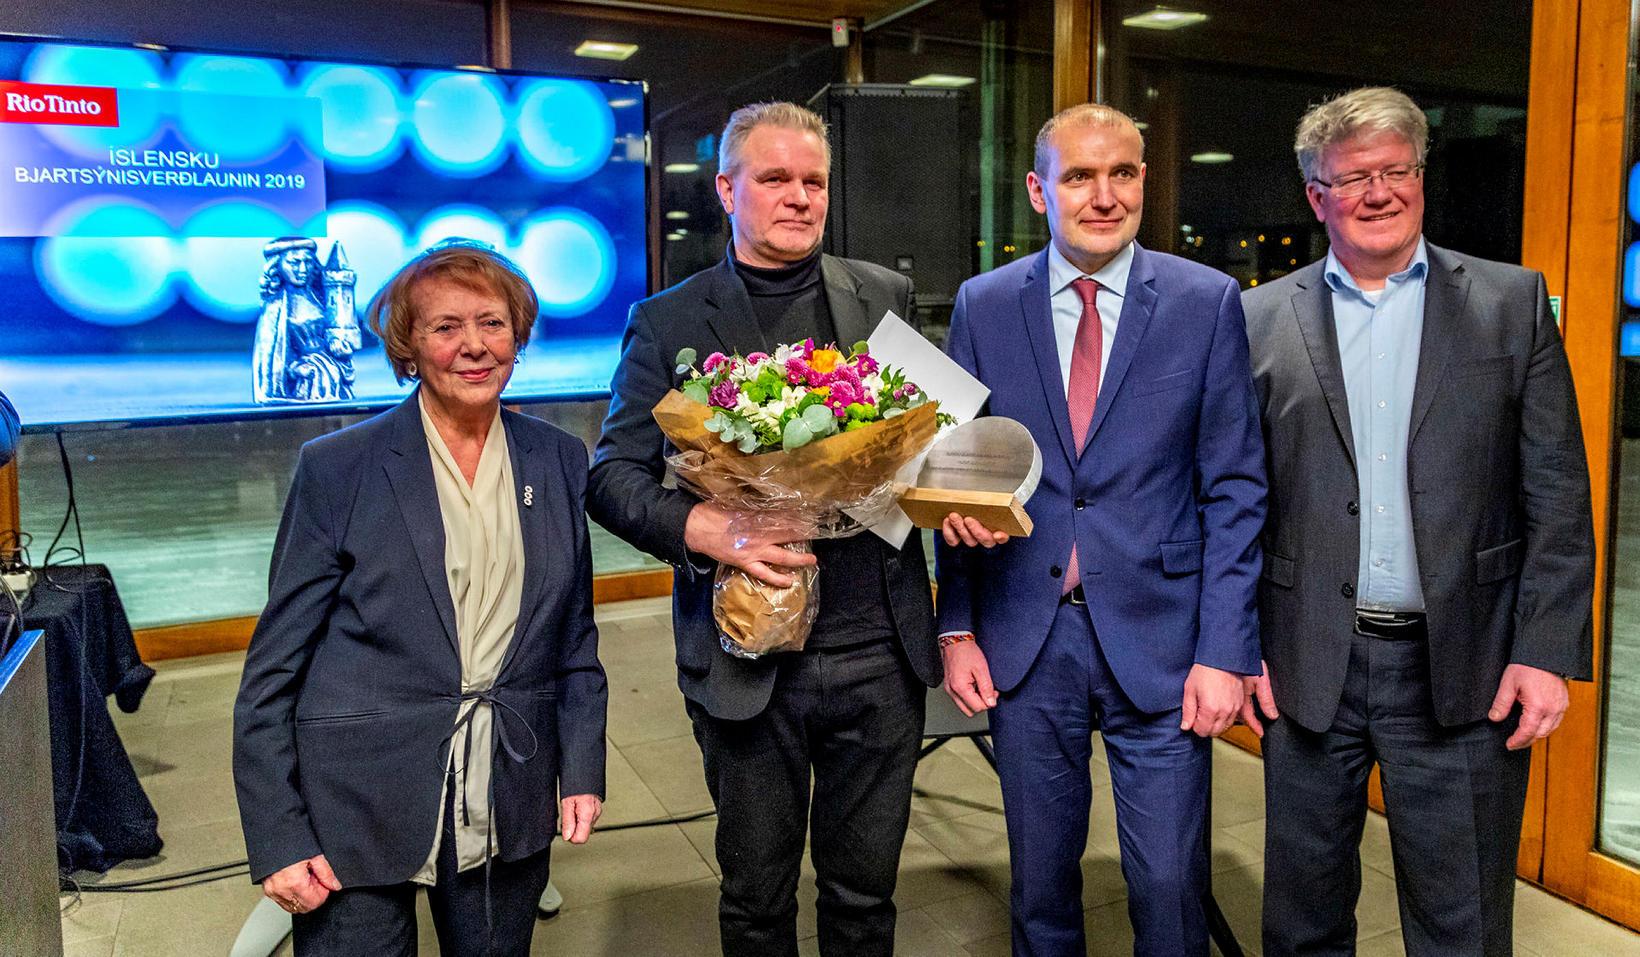 Hildur Guðnadóttir, tónskáld og sellóleikari,hlaut Íslensku bjartsýnisverðlaunin 2019 sem Guðni …